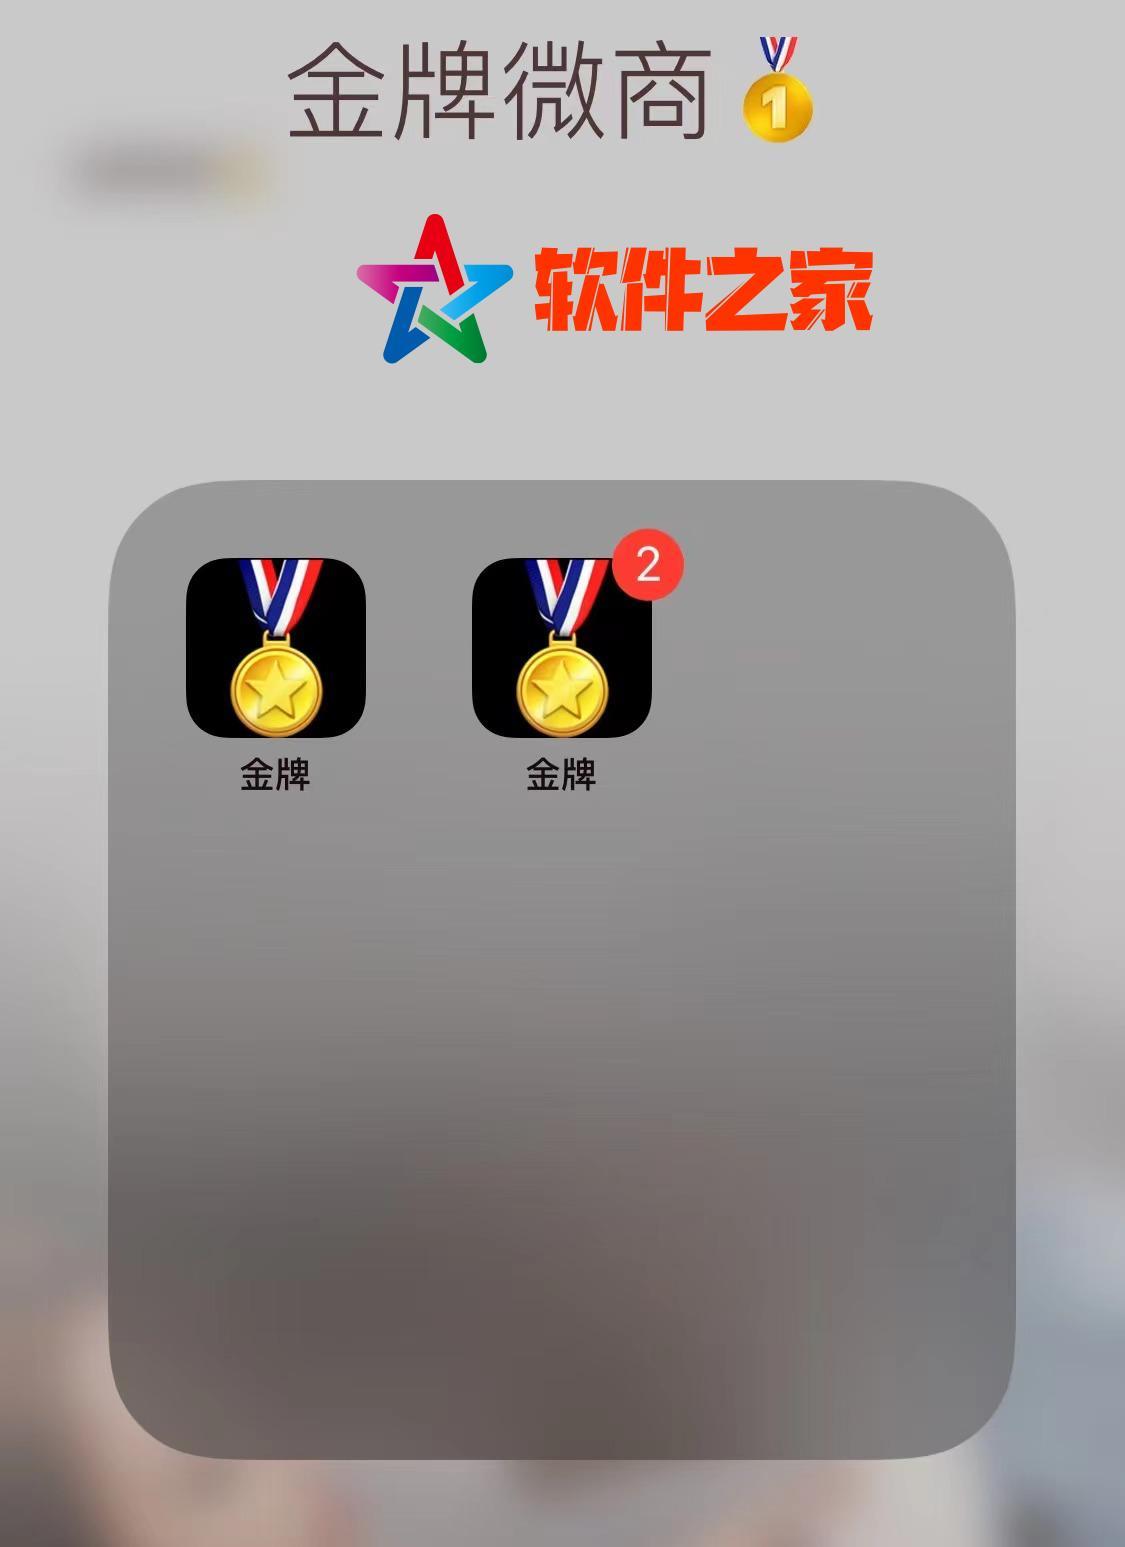 【金牌微商官网下载更新地址激活授权码】苹果ios微信多开分身一键转发多功能营销软件工具支持ios最新系统